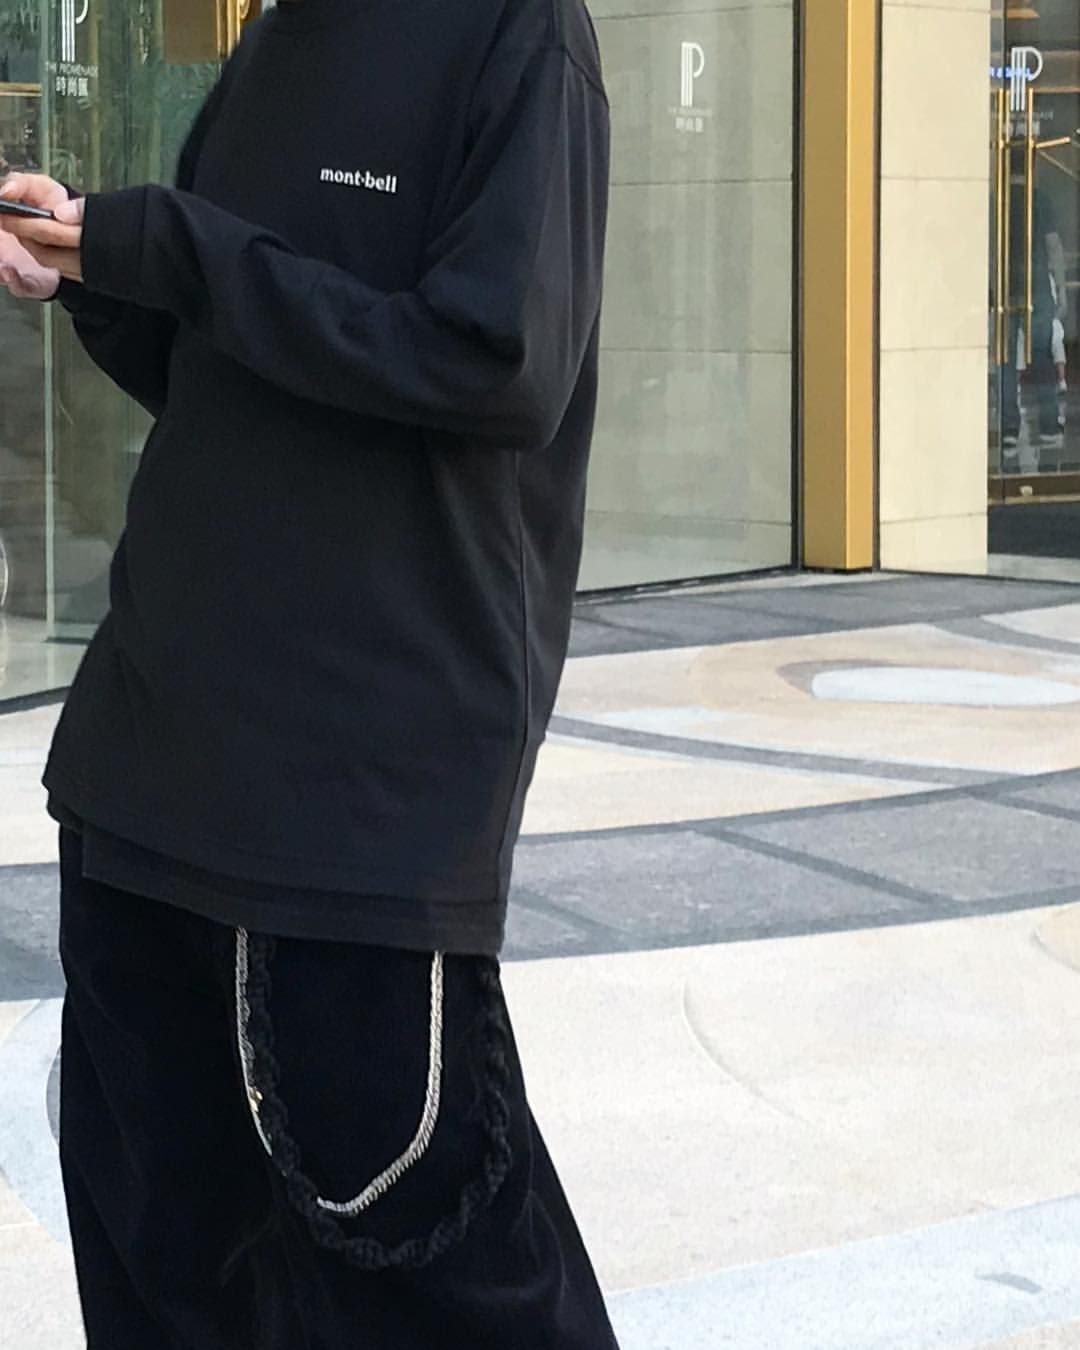 ボード「11_clothing」のピン